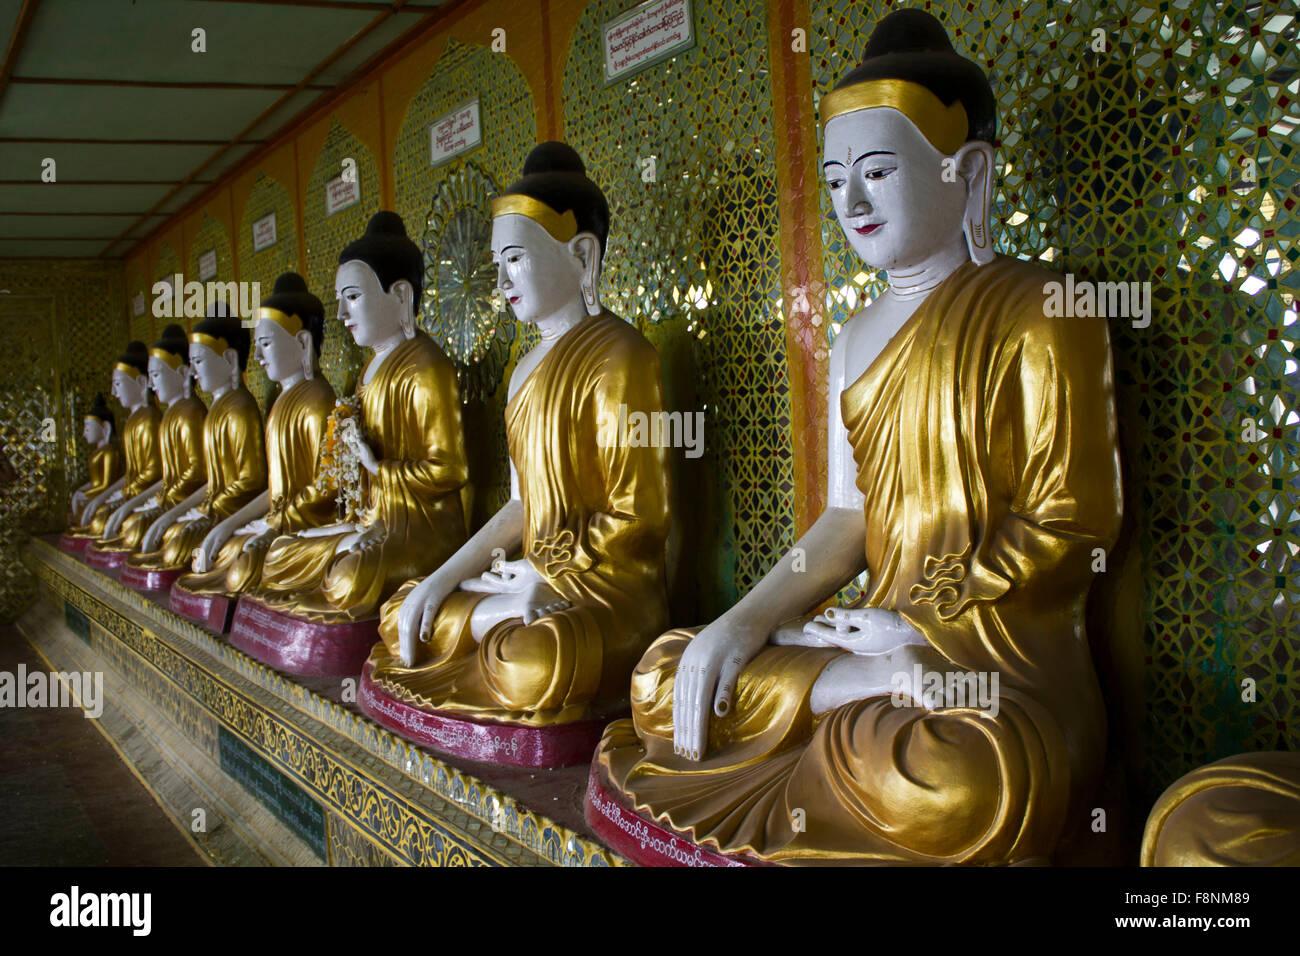 U Min Thonze templo budista sobre la colina de Sagaing. En la Pagoda hay muchos diferentes Budas 45 imágenes Imagen De Stock